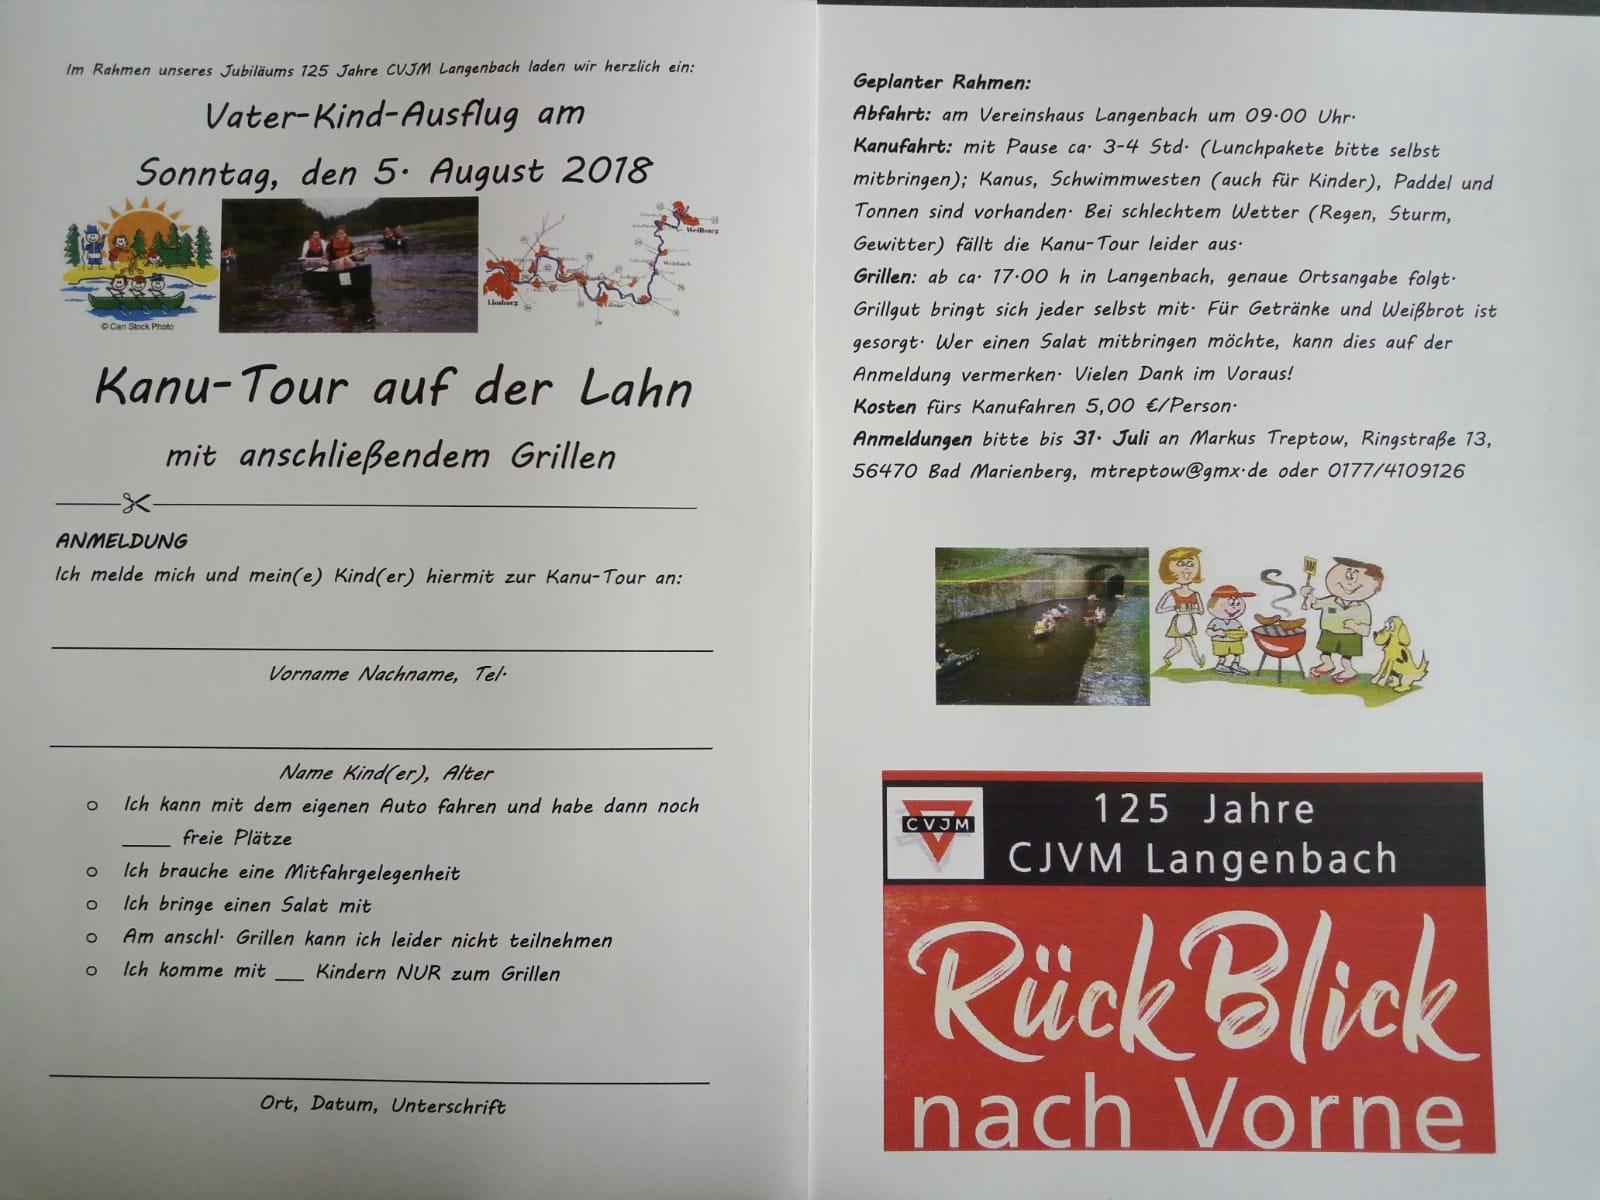 Herzliche Einladung zum Vater-Kind-Tag | CVJM und EG Langenbach